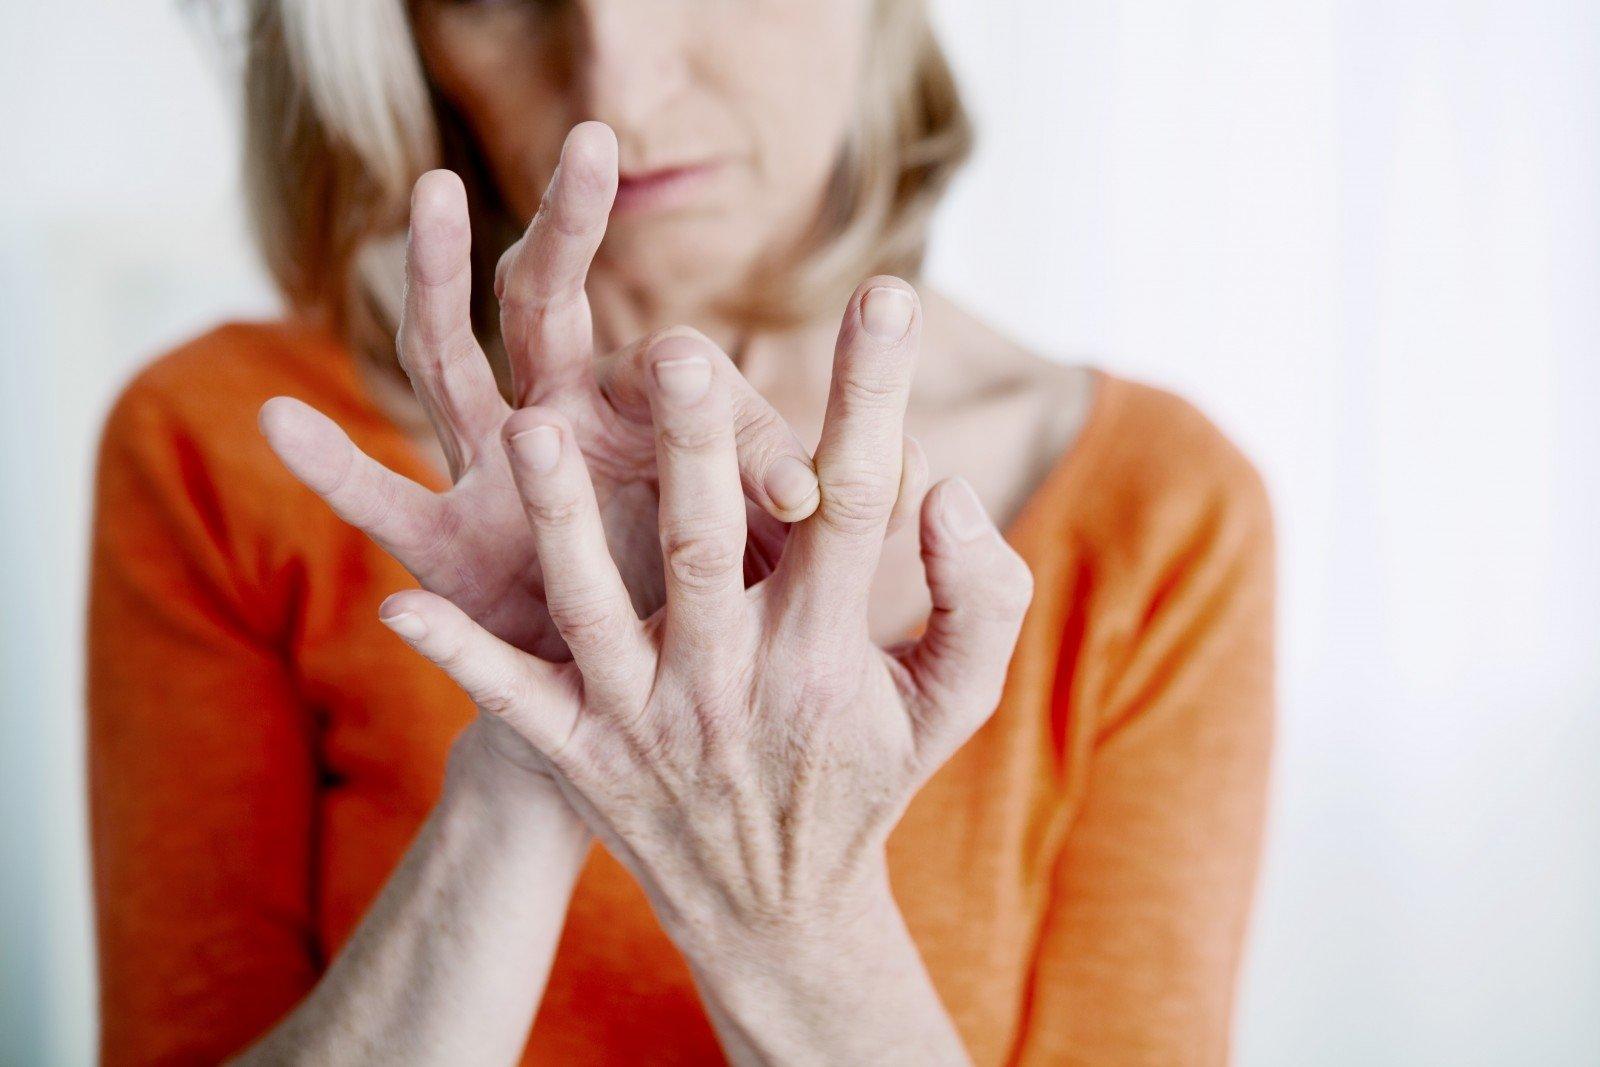 skauda bendra kairė ranka ką daryti jei sąnariai kenkia gydymas